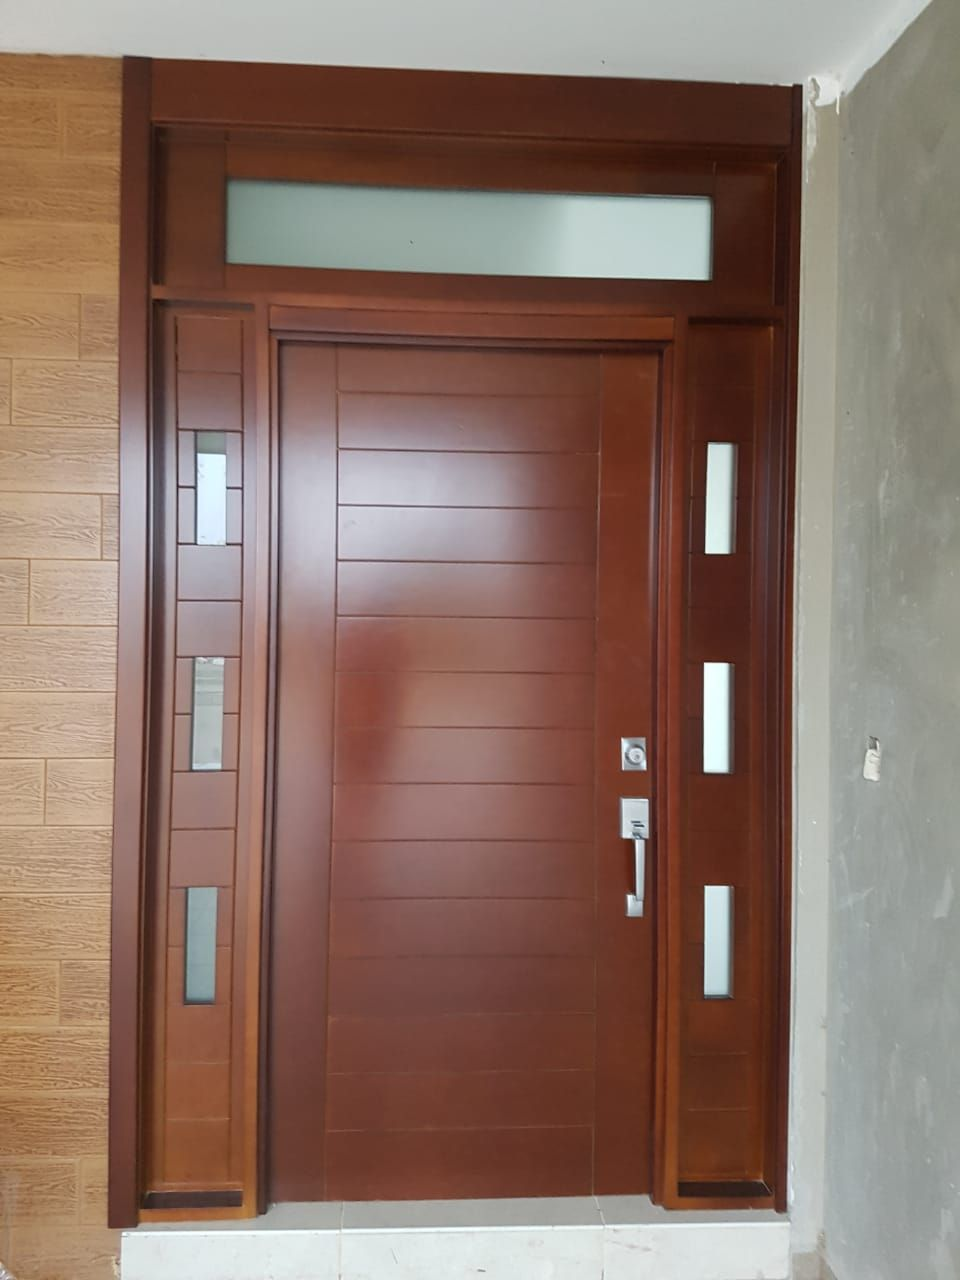 Puertas De Madera Para Exteriores E Interiores En Durango Dgo